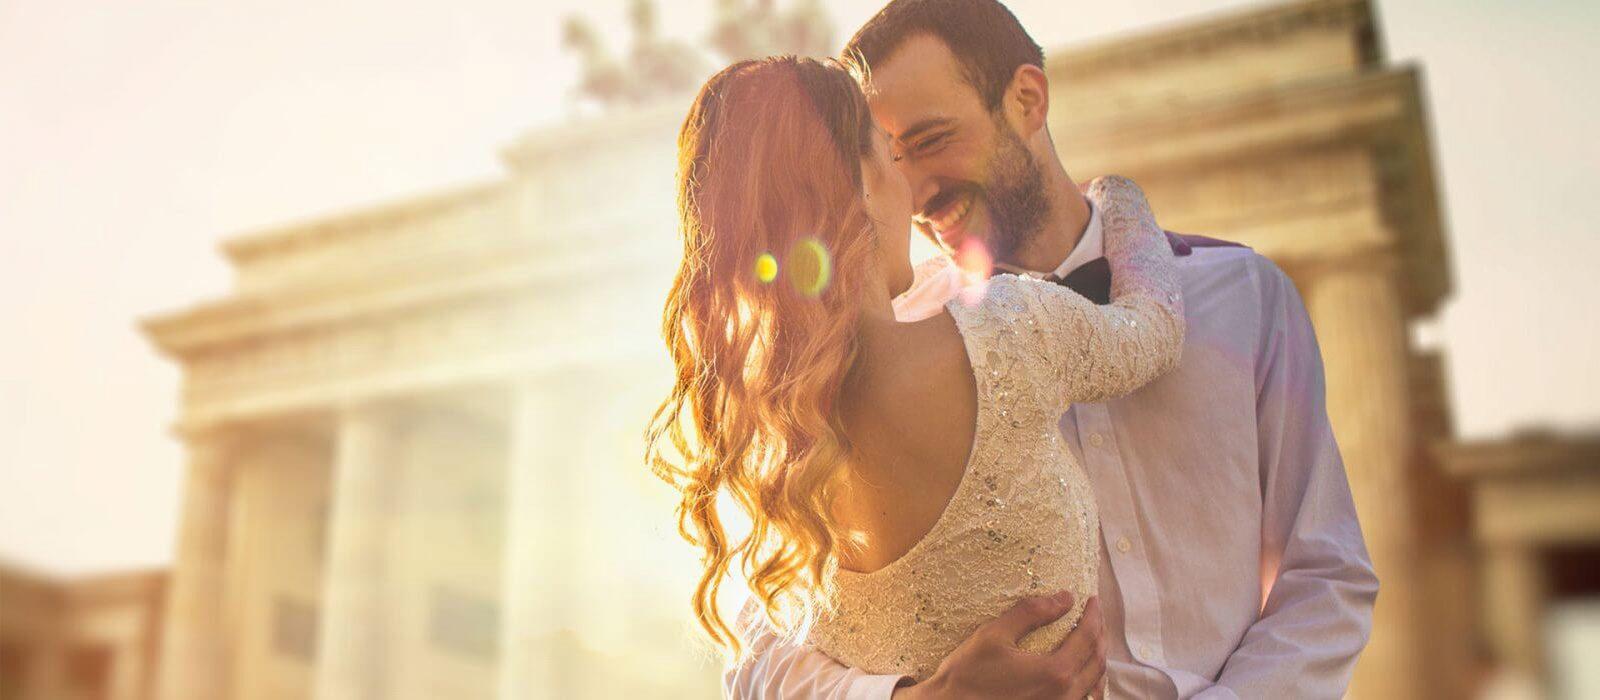 Hochzeit Berlin, Potsdam und Brandenburg - hier finden Sie Tipps und Infos für Ihre Hochzeit